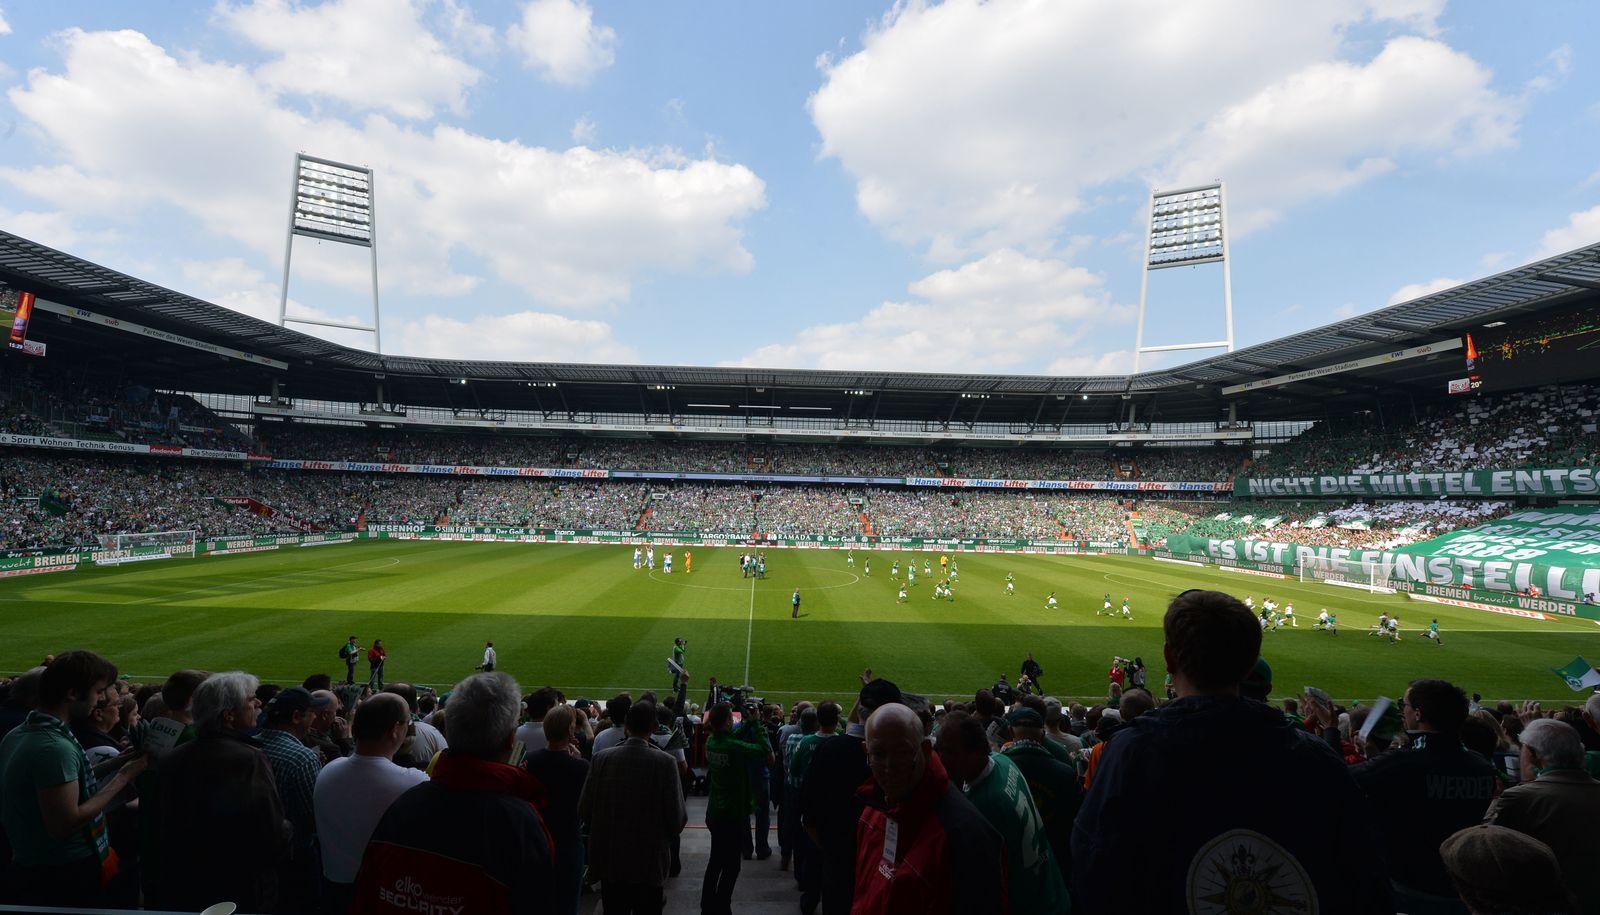 Bremen / Weserstadion